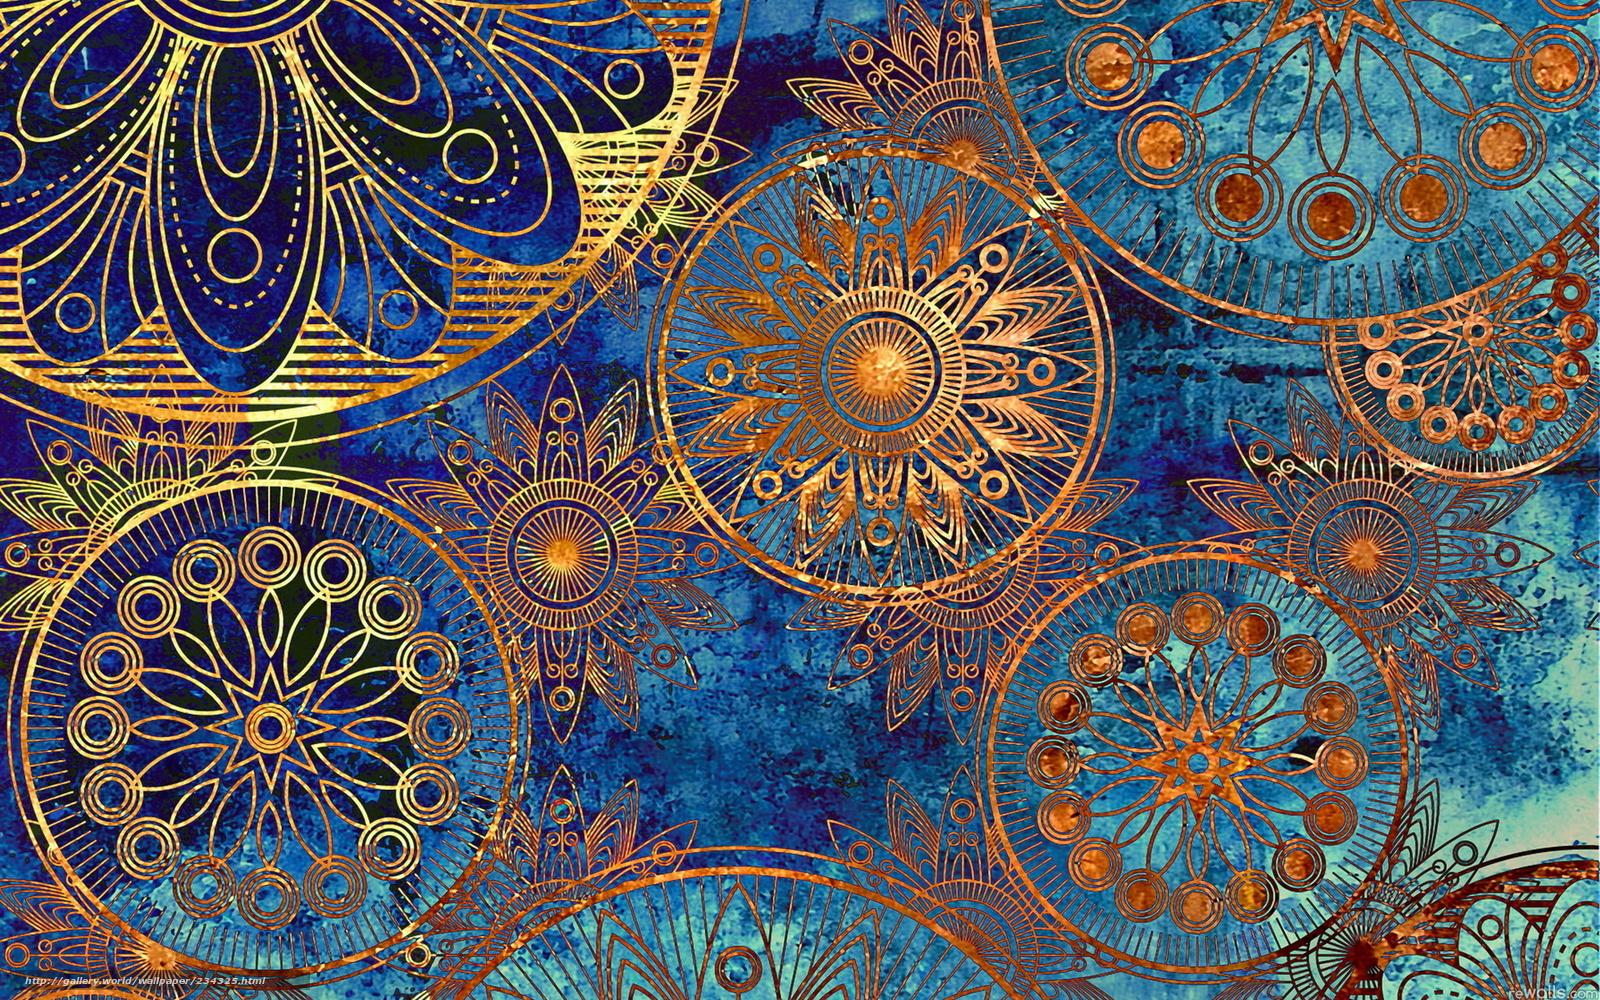 بالصور زخارف اسلامية , اجمل النقوشات الاسلامية الجذابة 2715 9